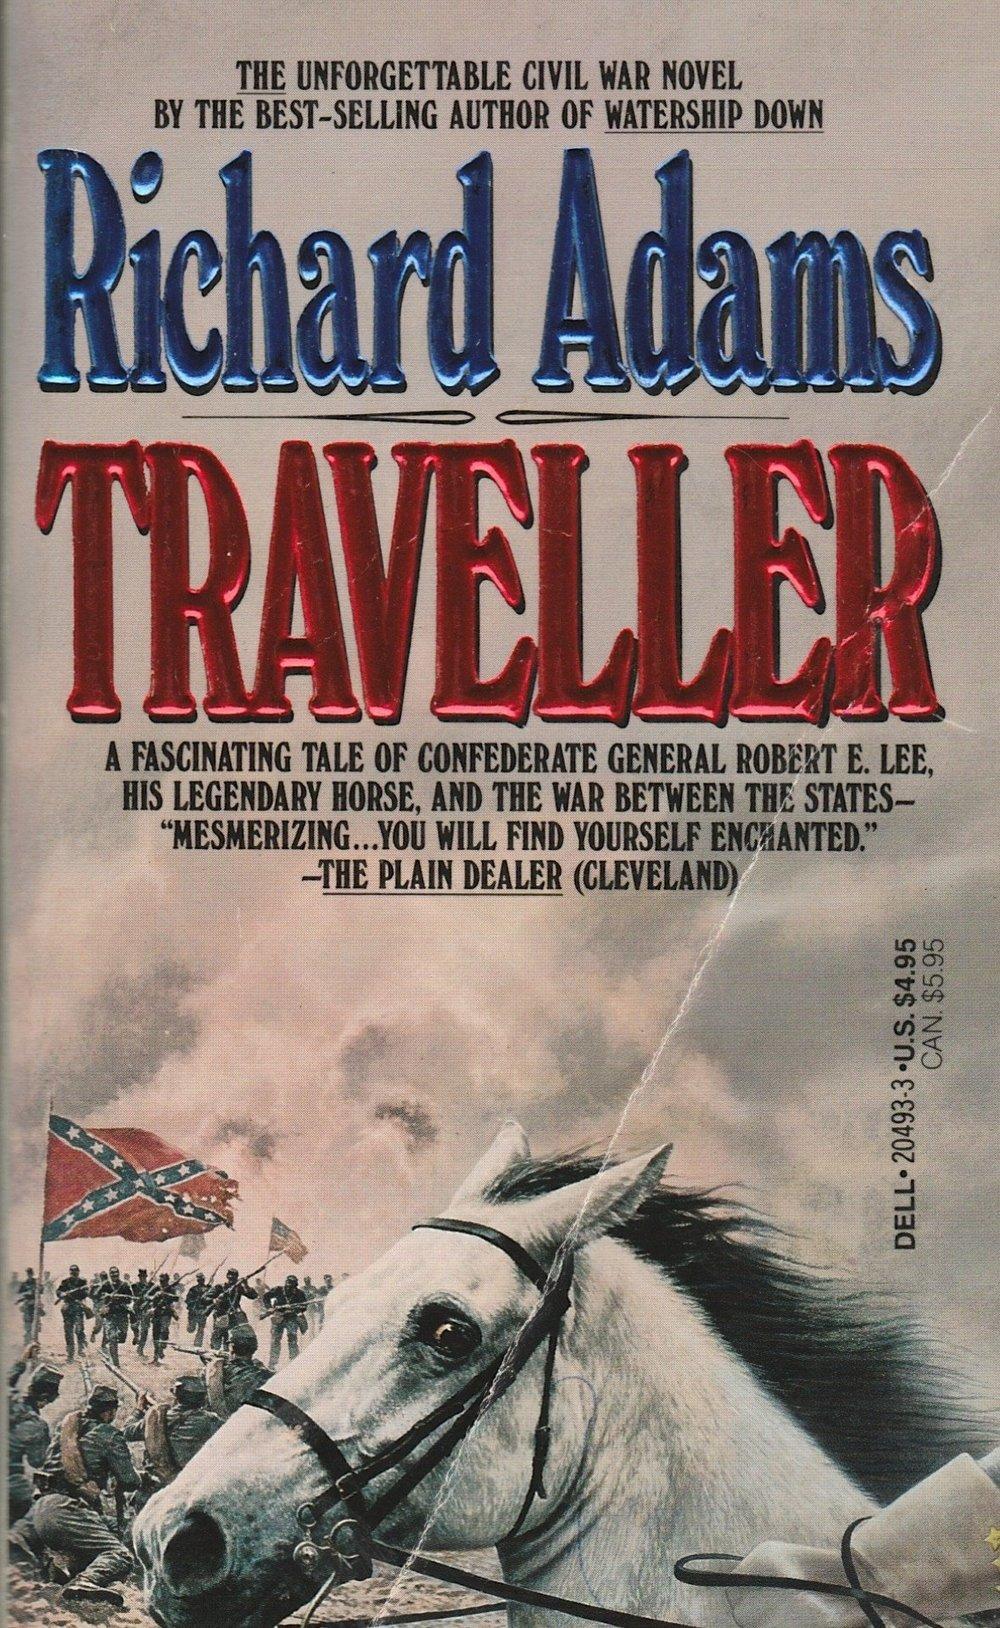 traveller paperback.jpg